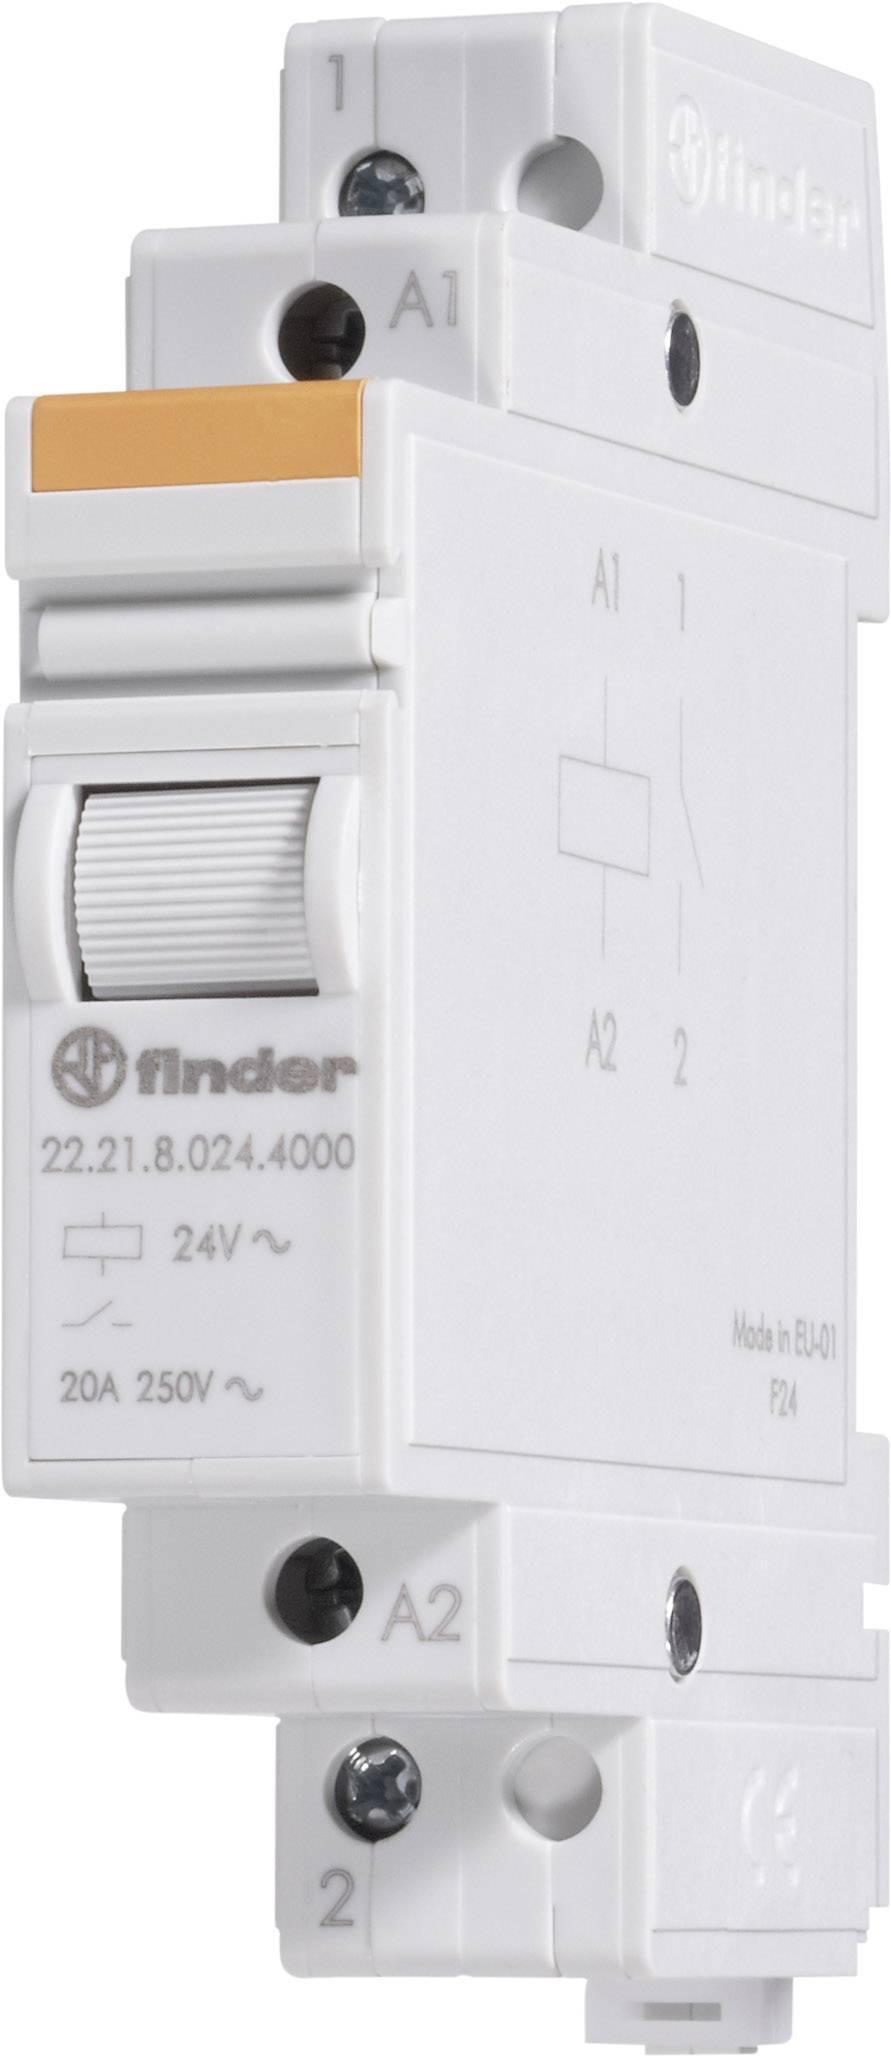 Instalační relé Finder 22.21.8.008.4000, 1 pracovní kontakt